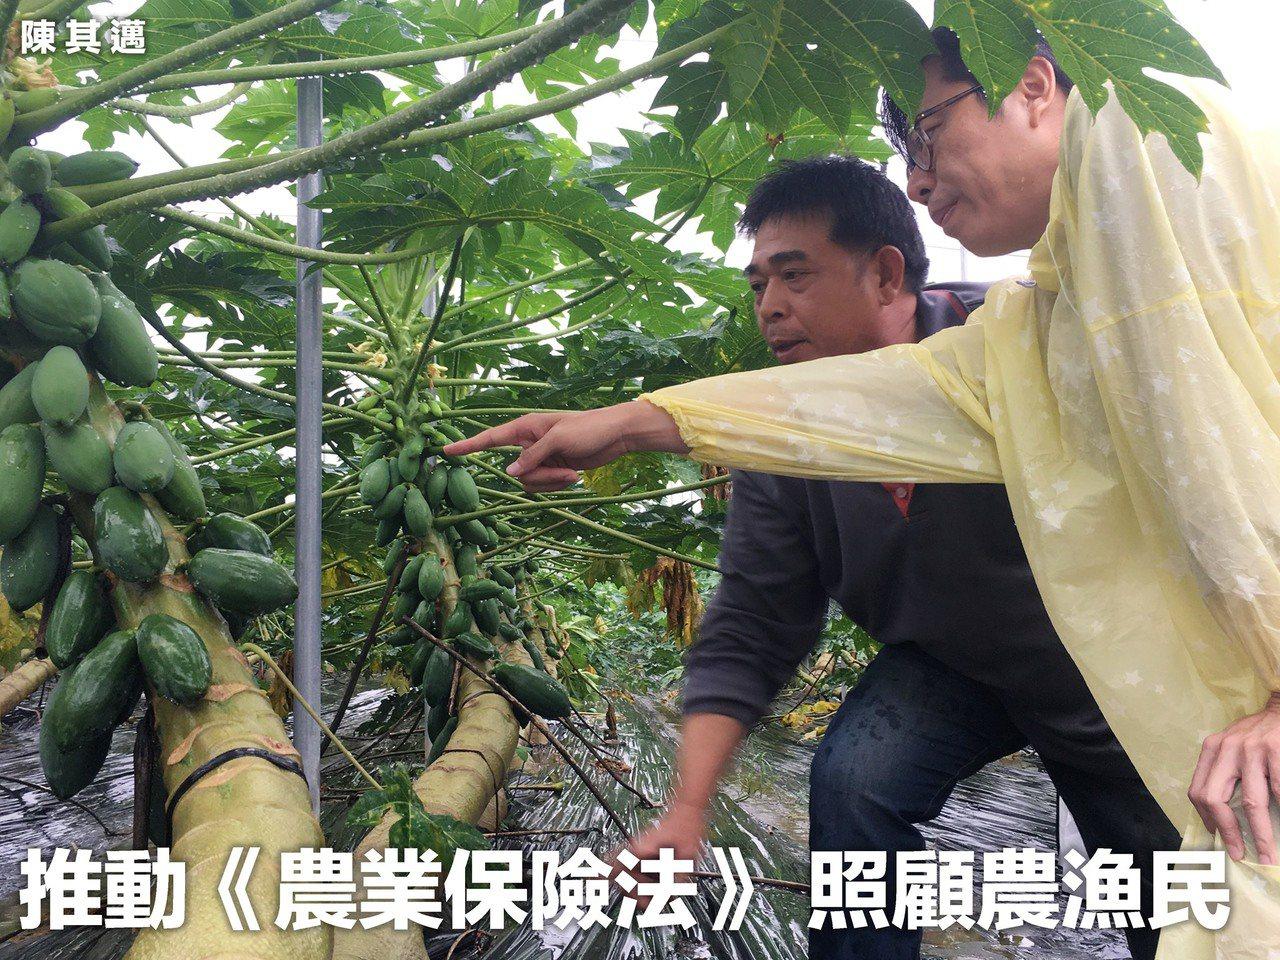 行政院副院長陳其邁,點出《農業保險法》草案的三大重點所在。取自陳其邁臉書